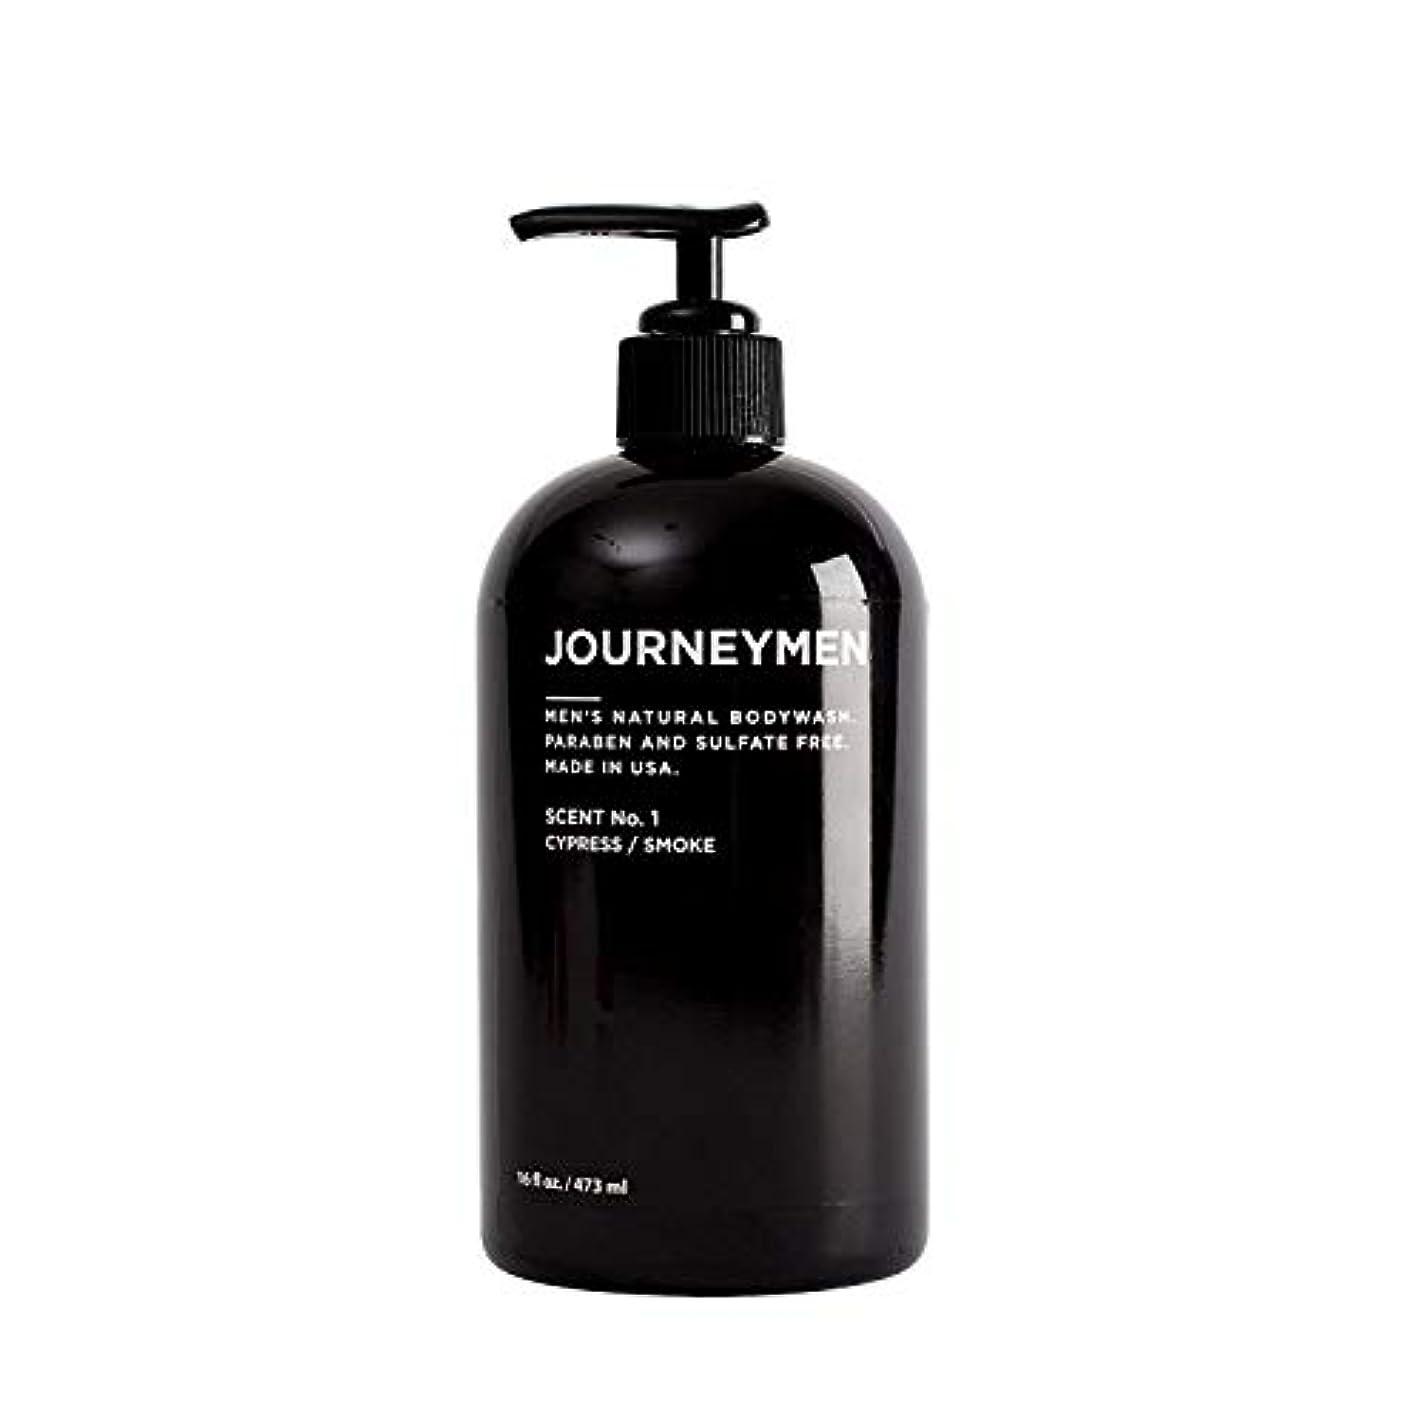 汚い赤道アメリカJourneymen Natural Body Wash 16 oz/473 ml ジャーニーメンナチュラルボディウォッシュ